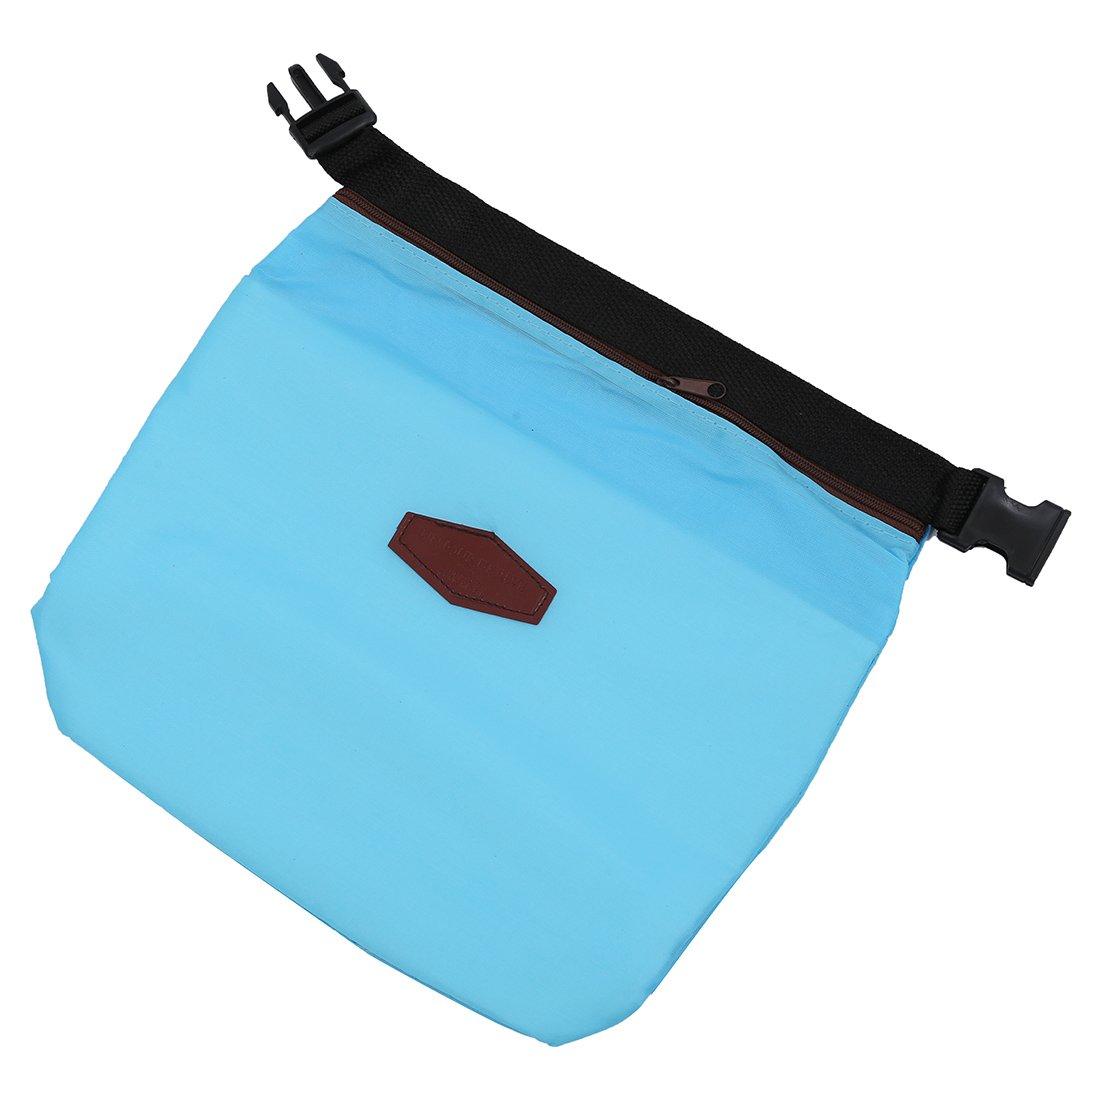 Sonline termica di raffreddamento isolati portatile impermeabile Lunch Box bagagli Picnic Bag Pouch - blu